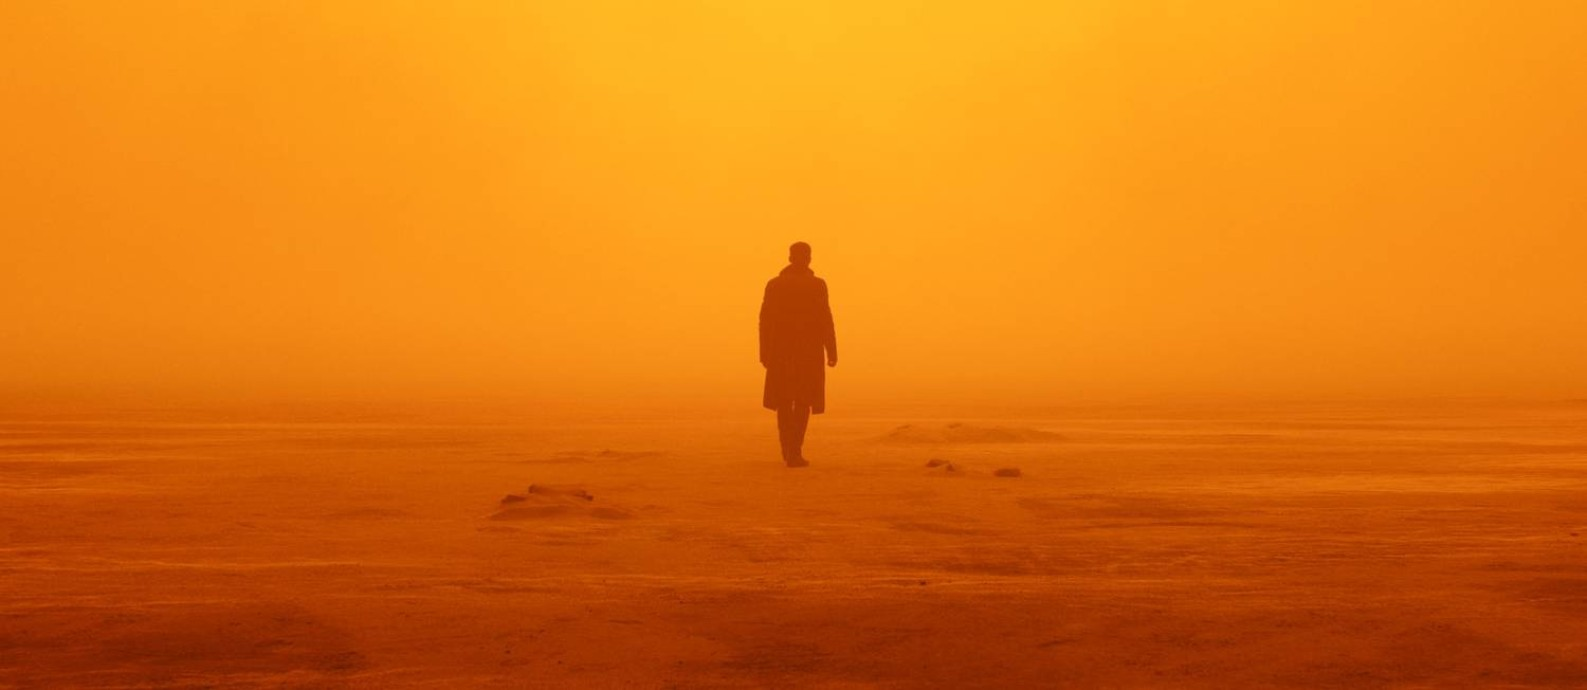 'Blade runner 2049' se passa três décadas após os eventos retratados no original Foto: Columbia Pictures / Divulgação